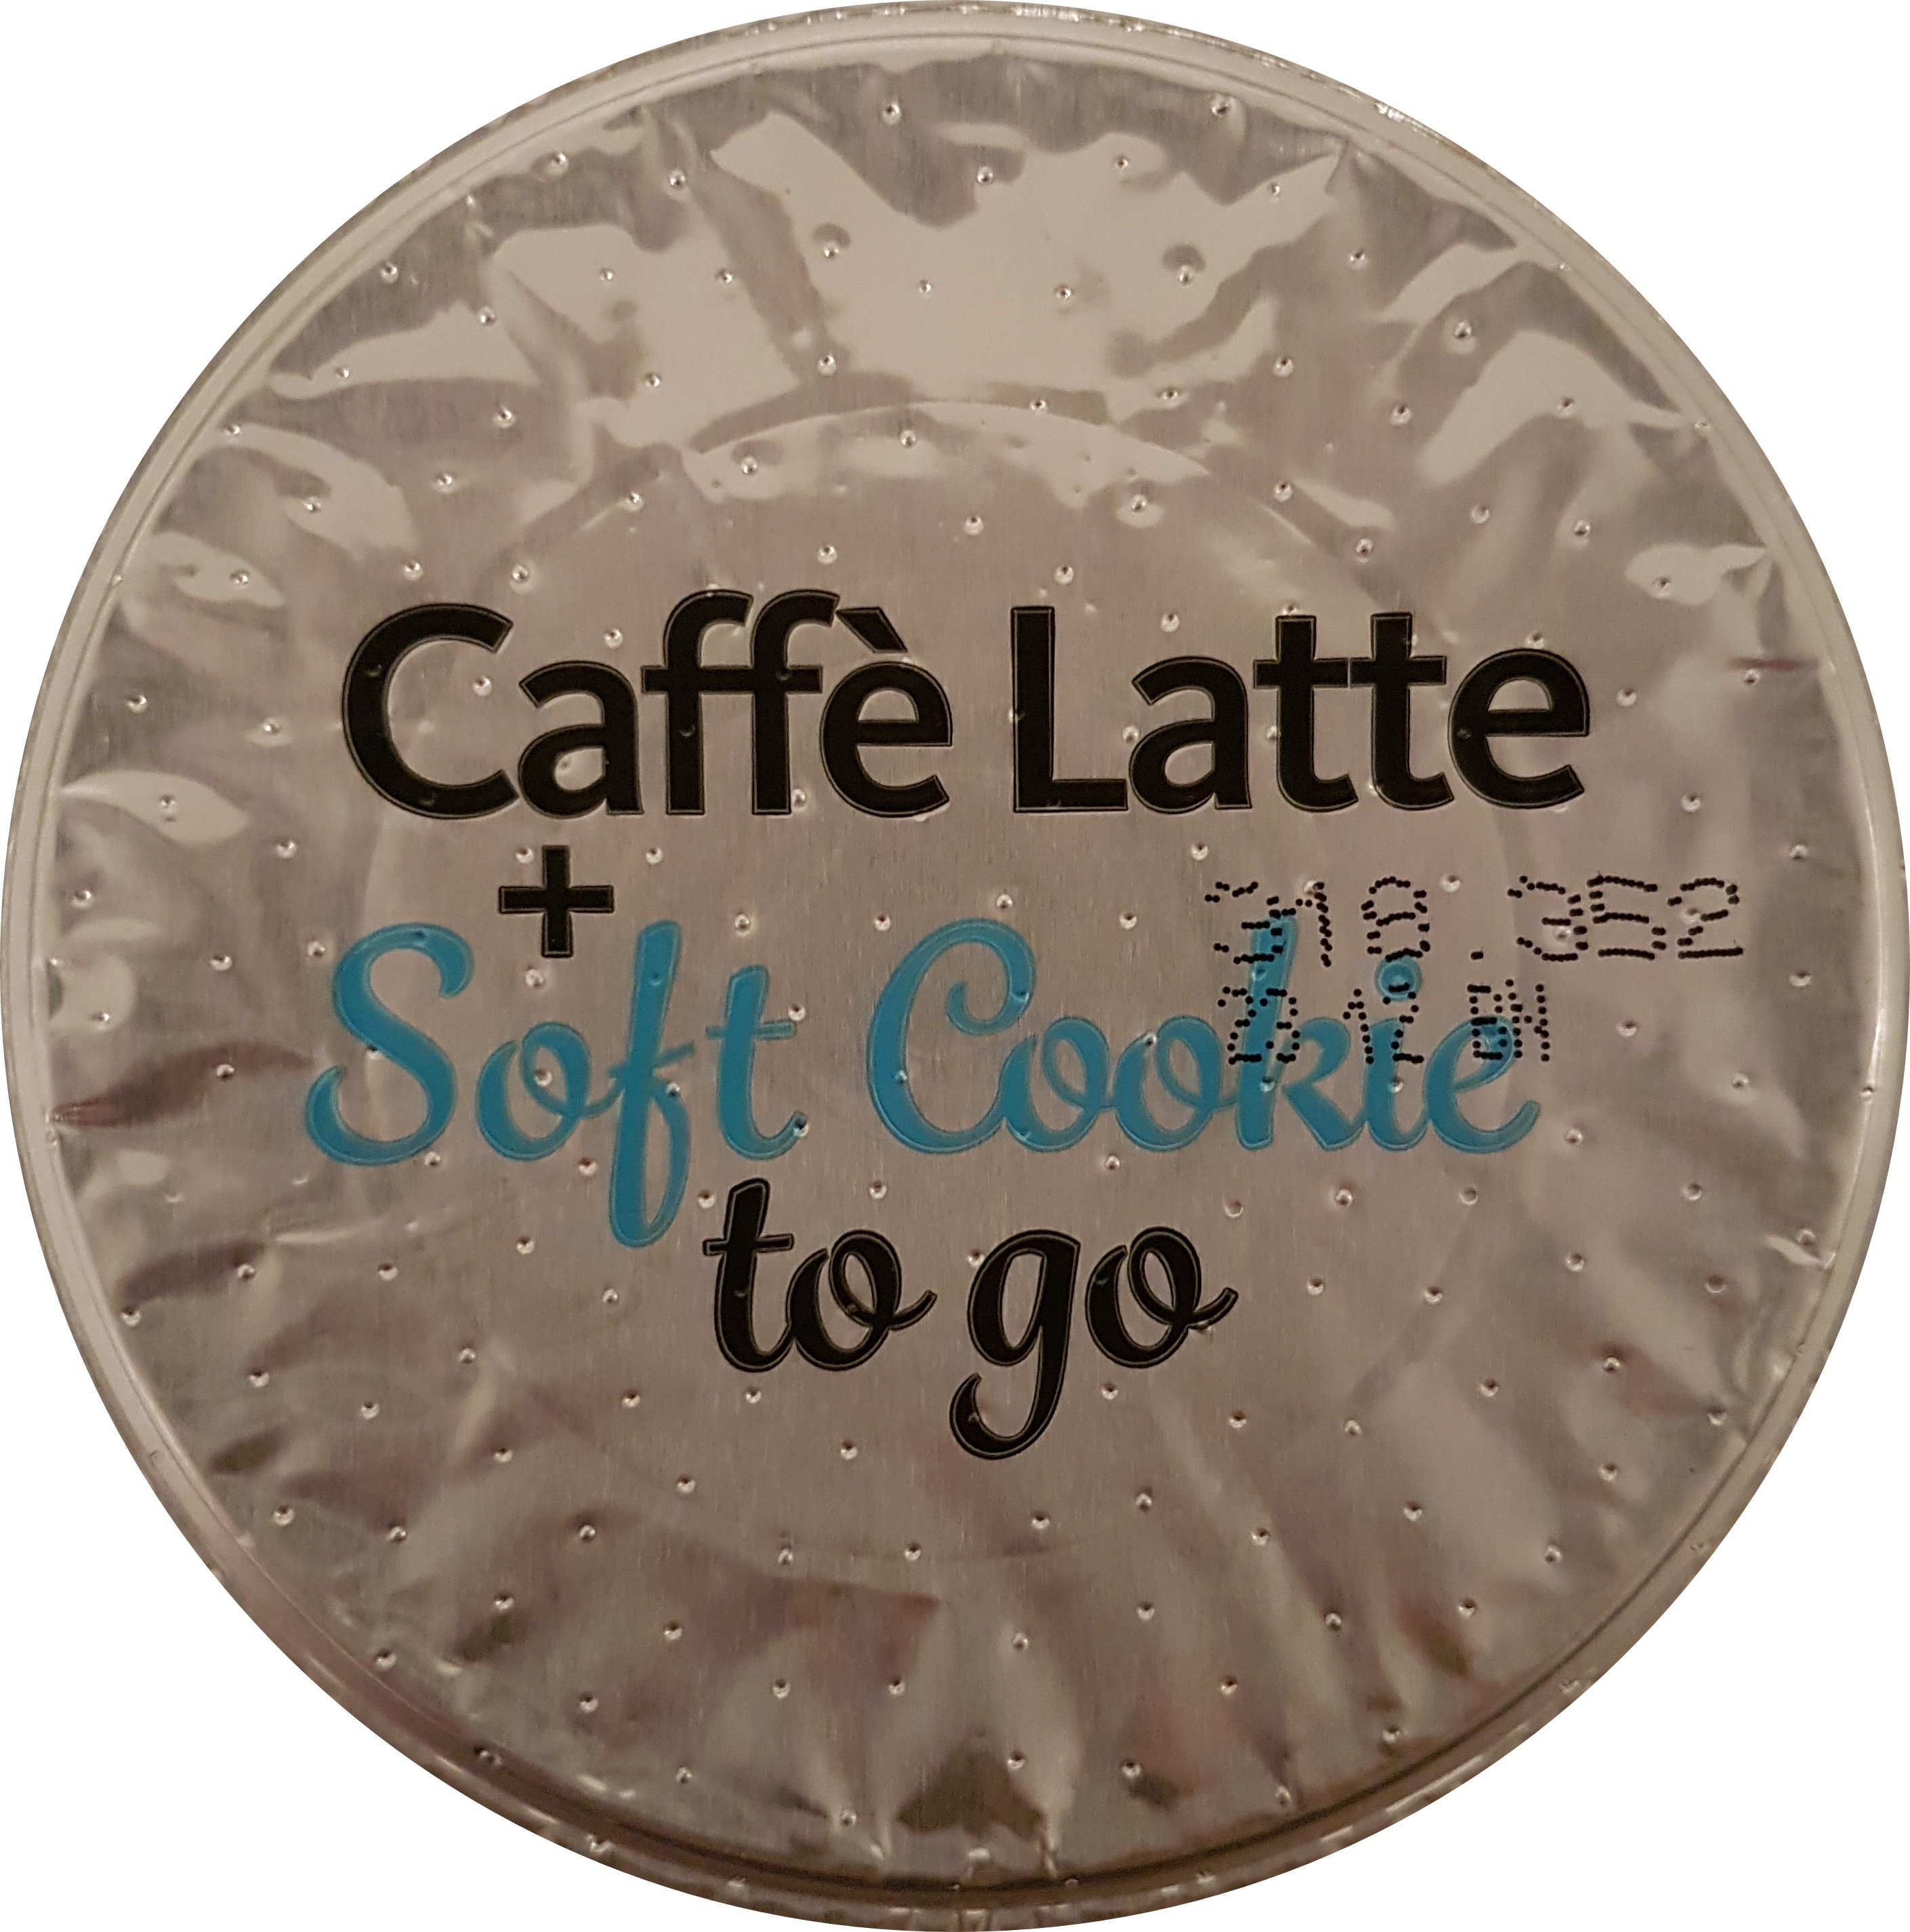 EDEKA — Caffè Latte + Soft Cookie - top - itstartswithacoffee.com #coffee #caffelatte #latte